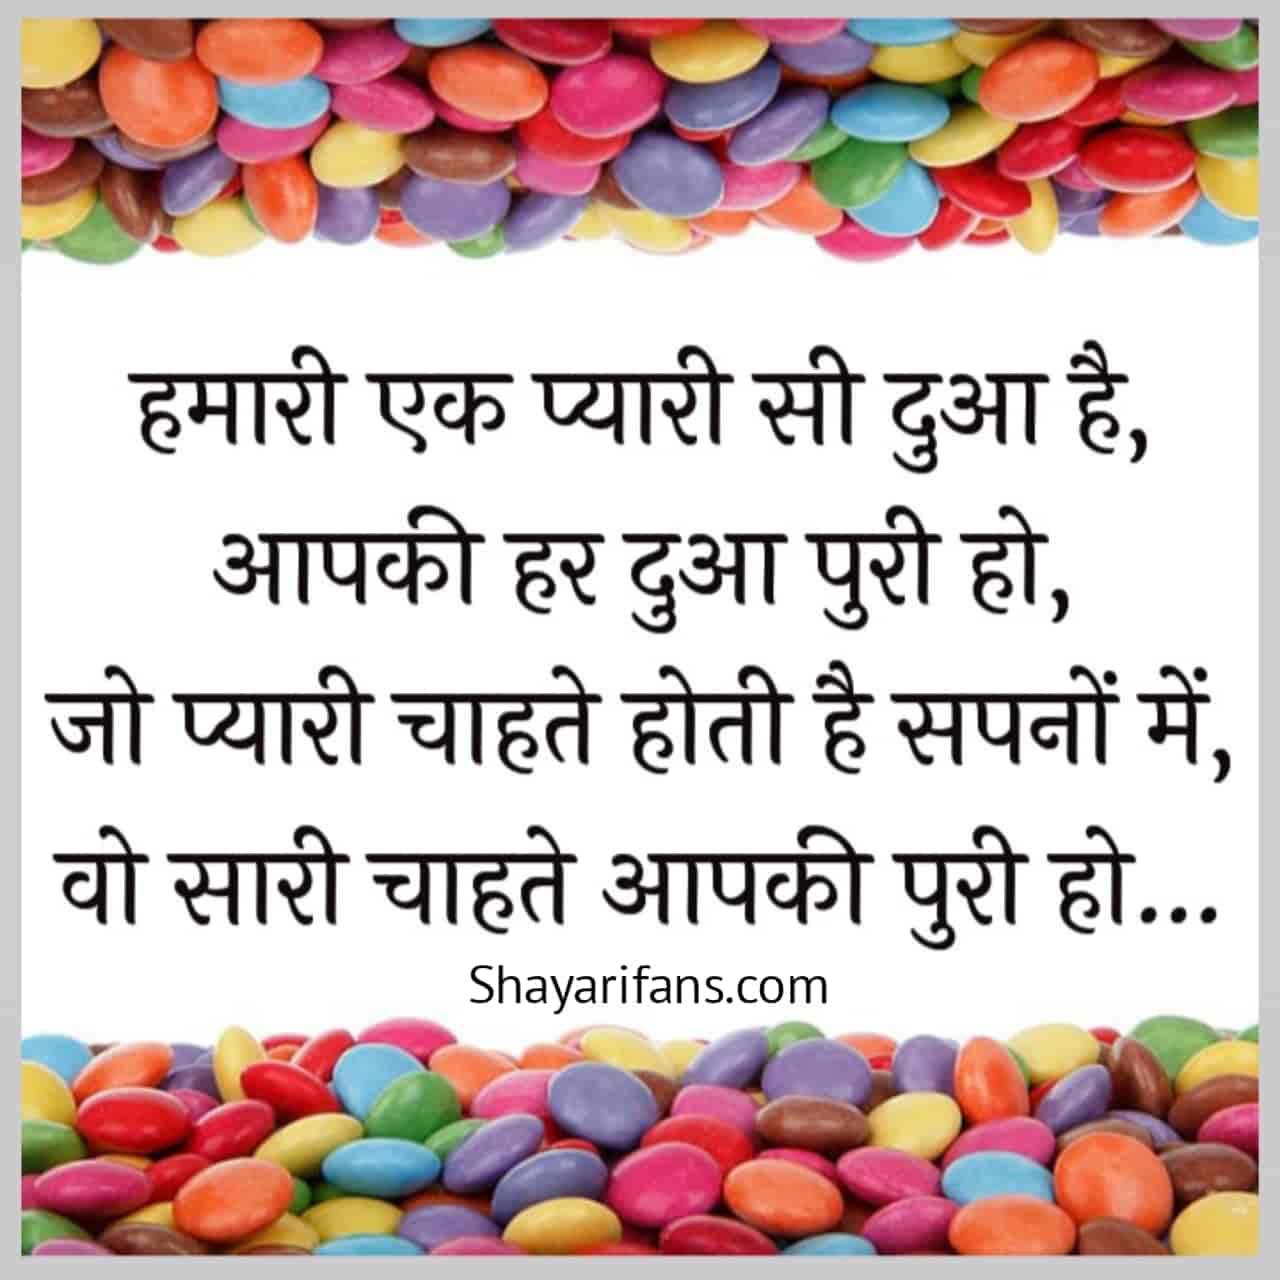 50+ बेस्ट ऑफ़ जन्मदिन की शुभकामनाएं शायरी, Happy Birthday shayari in Hindi